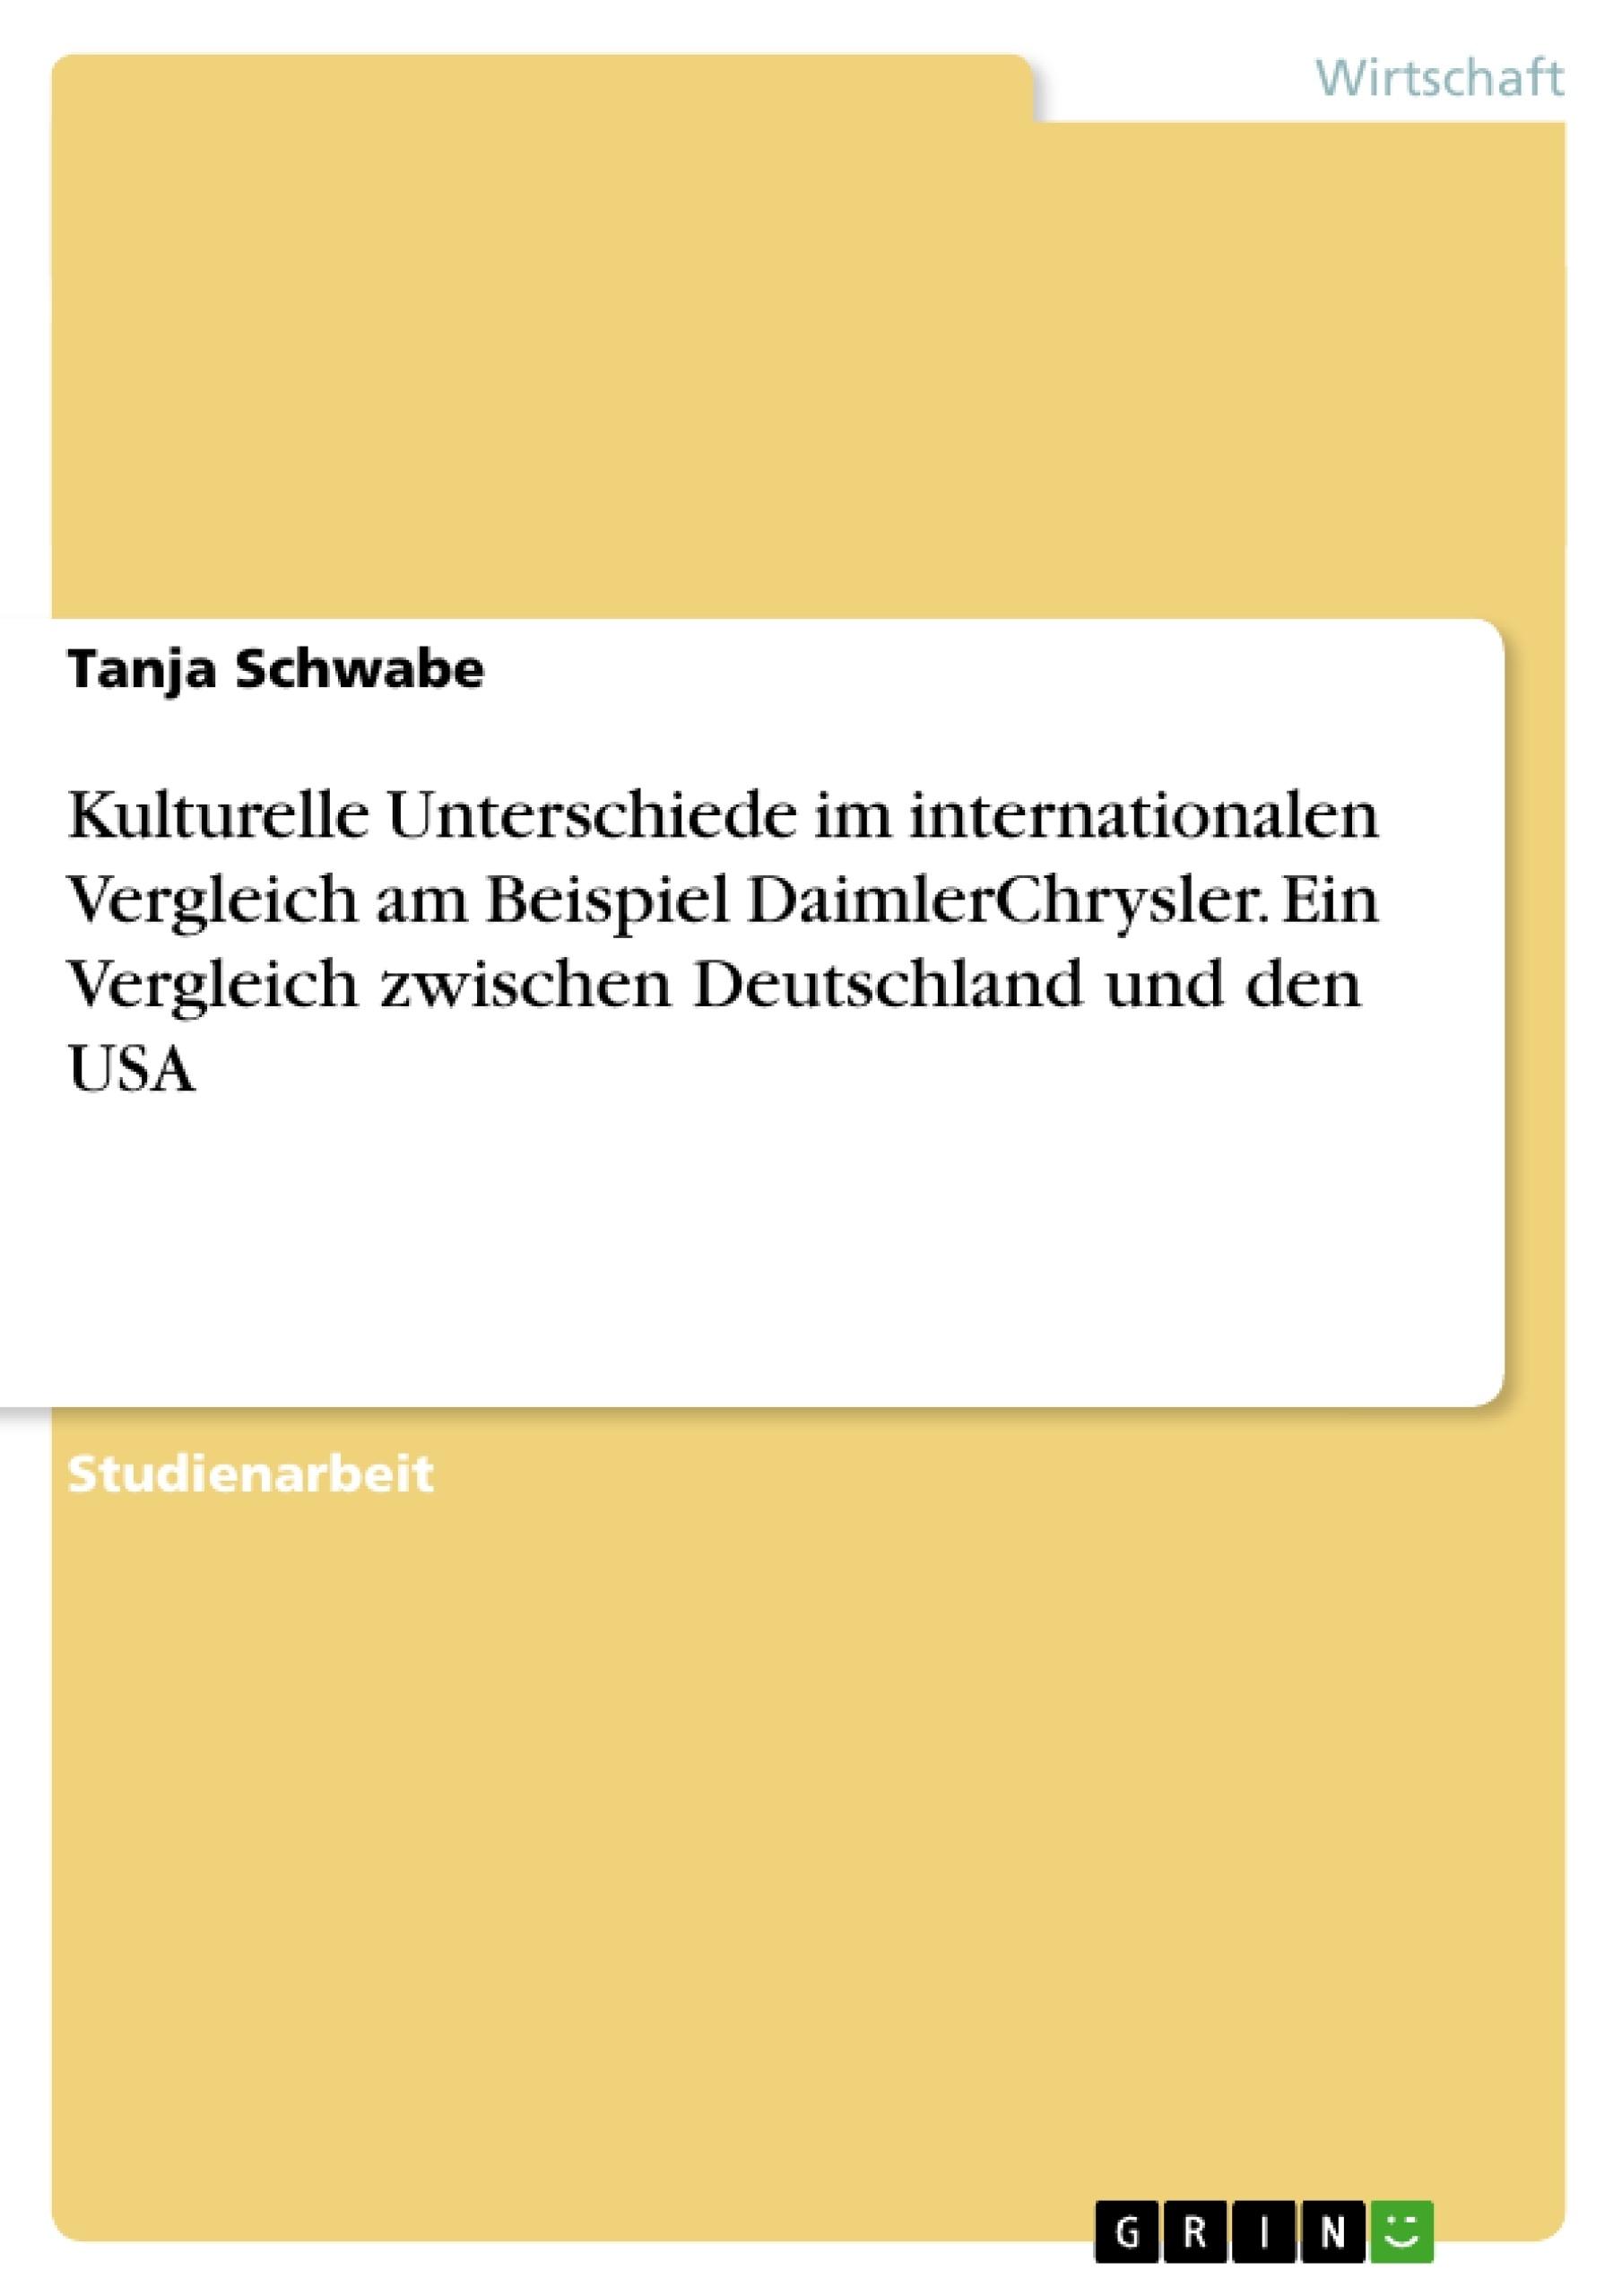 Titel: Kulturelle Unterschiede im internationalen Vergleich am Beispiel DaimlerChrysler. Ein Vergleich zwischen Deutschland und den USA